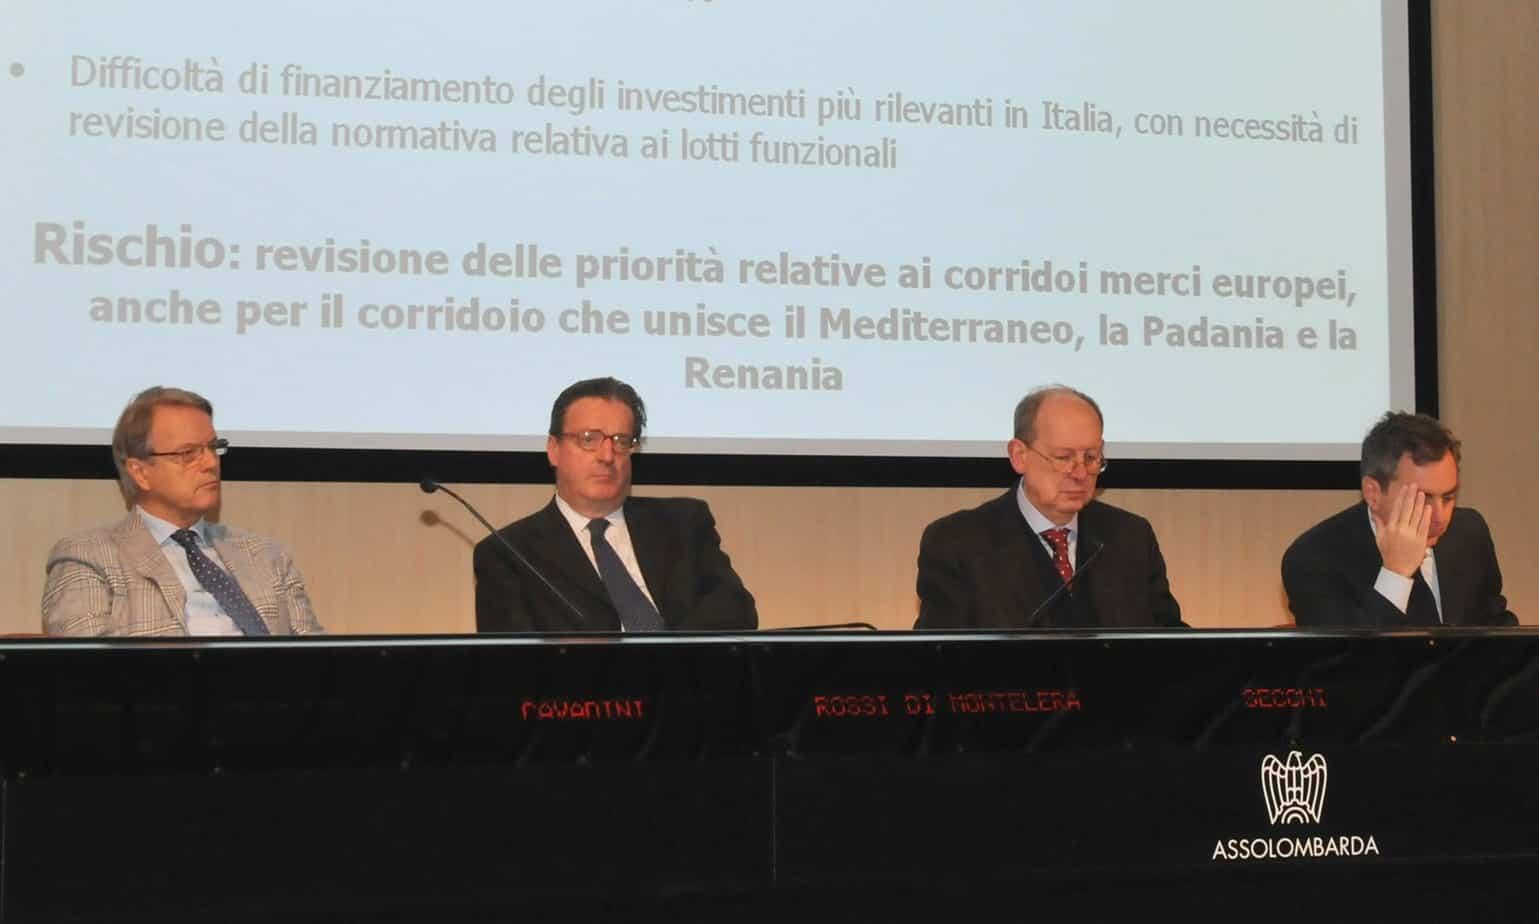 Il tavolo dei Relatori (da sinistra: Adriano Cavadini, Luigi Rossi di Montelera, Carlo Secchi e Dario Scannapieco)